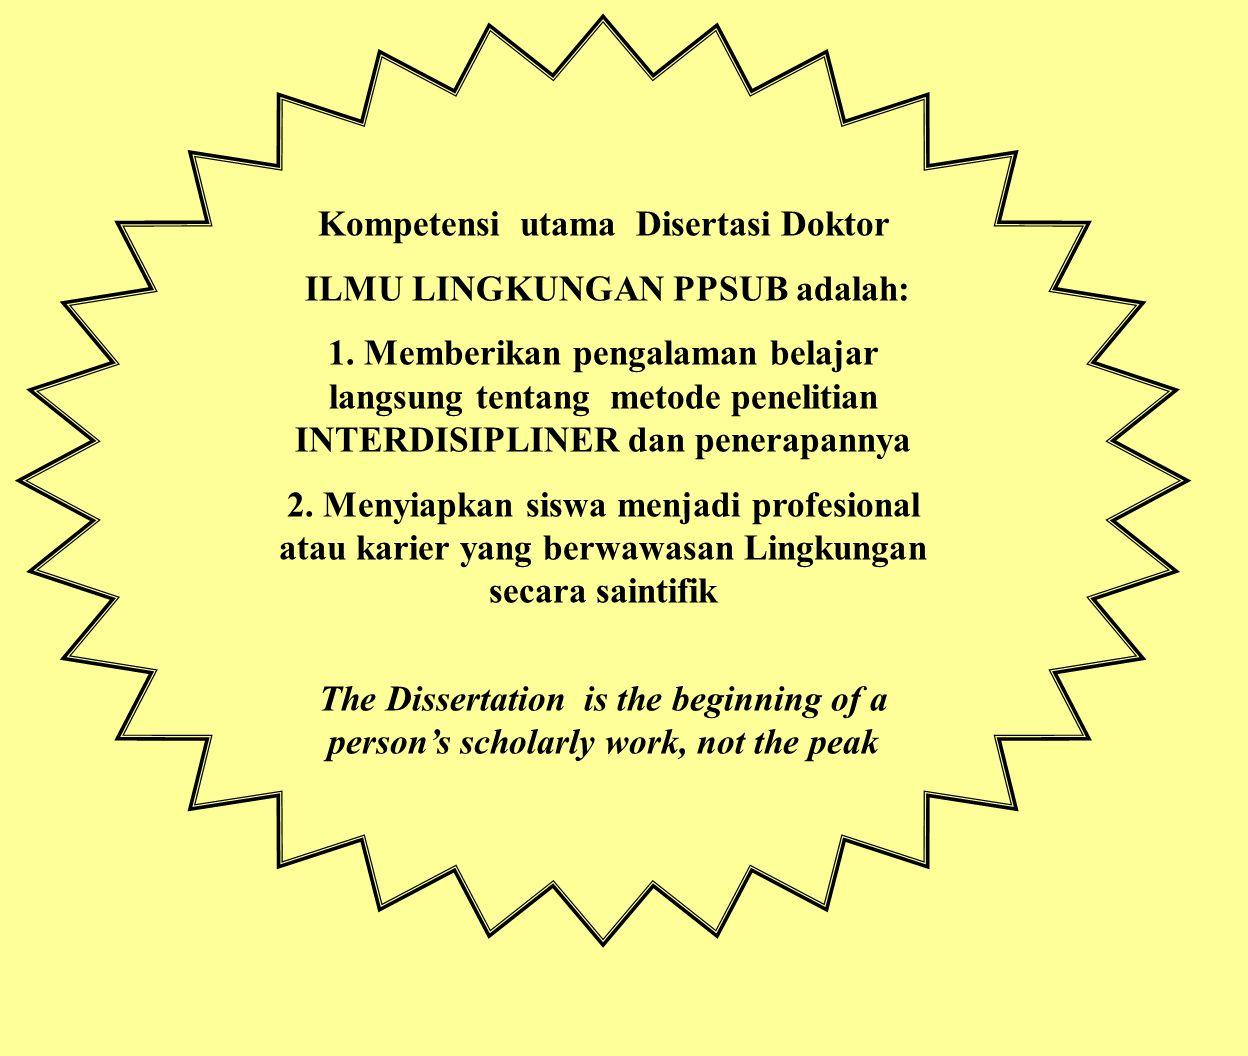 Kompetensi utama Disertasi Doktor ILMU LINGKUNGAN PPSUB adalah: